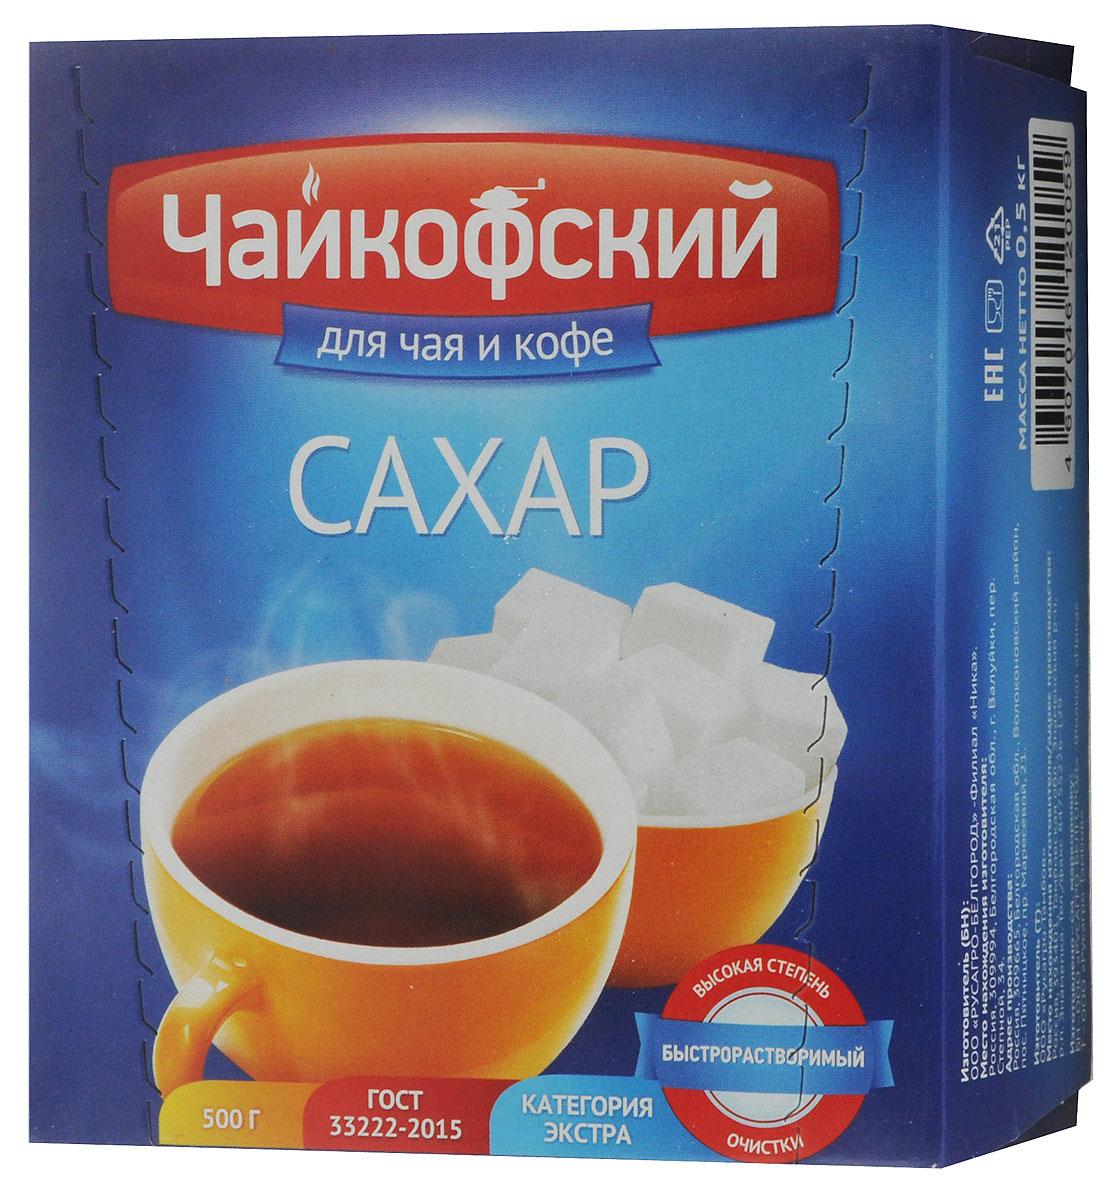 Чайкофский сахар-рафинад быстрорастворимый, 500 г0120710Прессованный быстрорастворимый сахар-рафинад Чайкофский изготовлен из качественного сырья - сахарной свеклы. Отлично подойдет для ежедневного употребления с различными напитками.Уважаемые клиенты! Обращаем ваше внимание на то, что упаковка может иметь несколько видов дизайна. Поставка осуществляется в зависимости от наличия на складе.